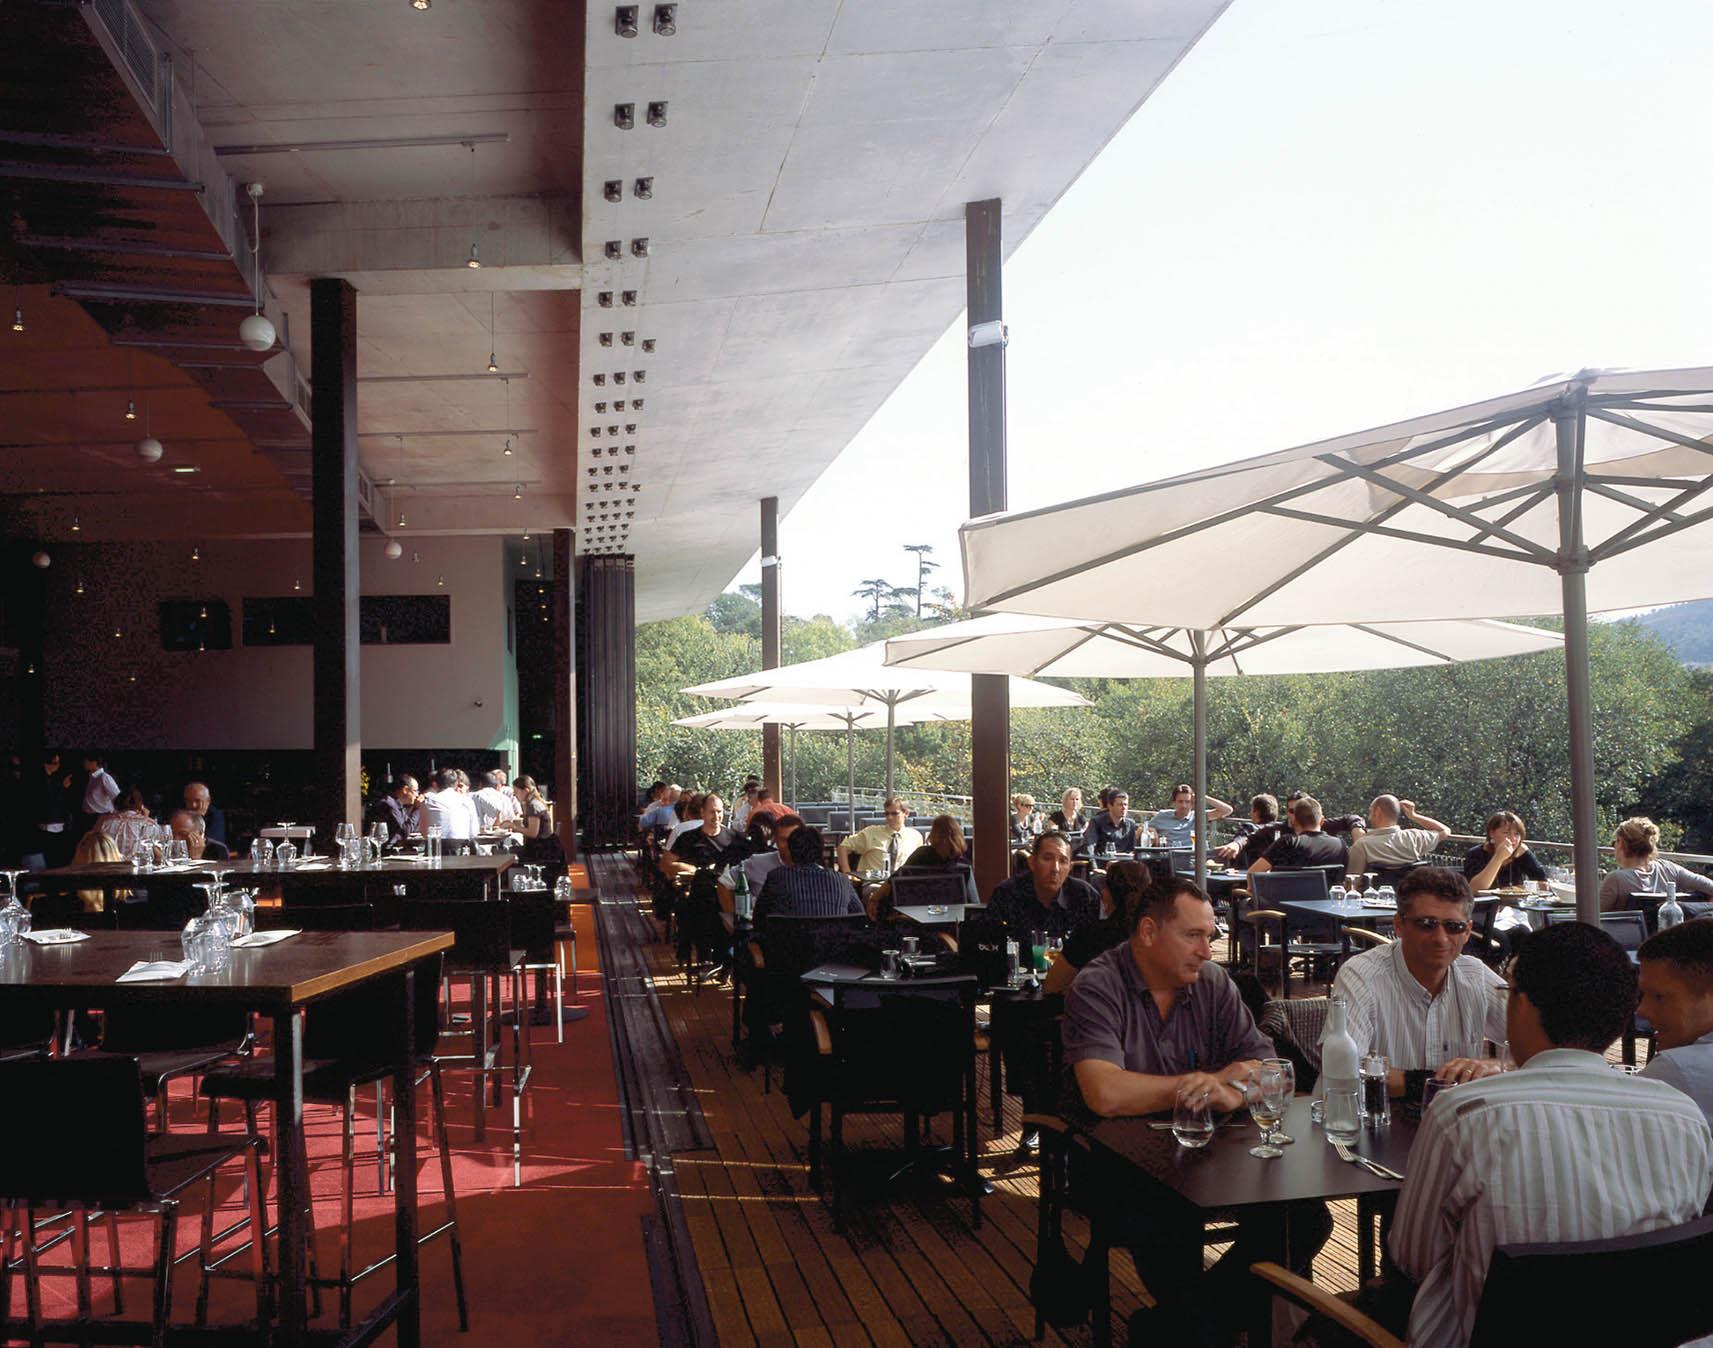 Le BLOK : Brasserie - Continuité intérieur/extérieur